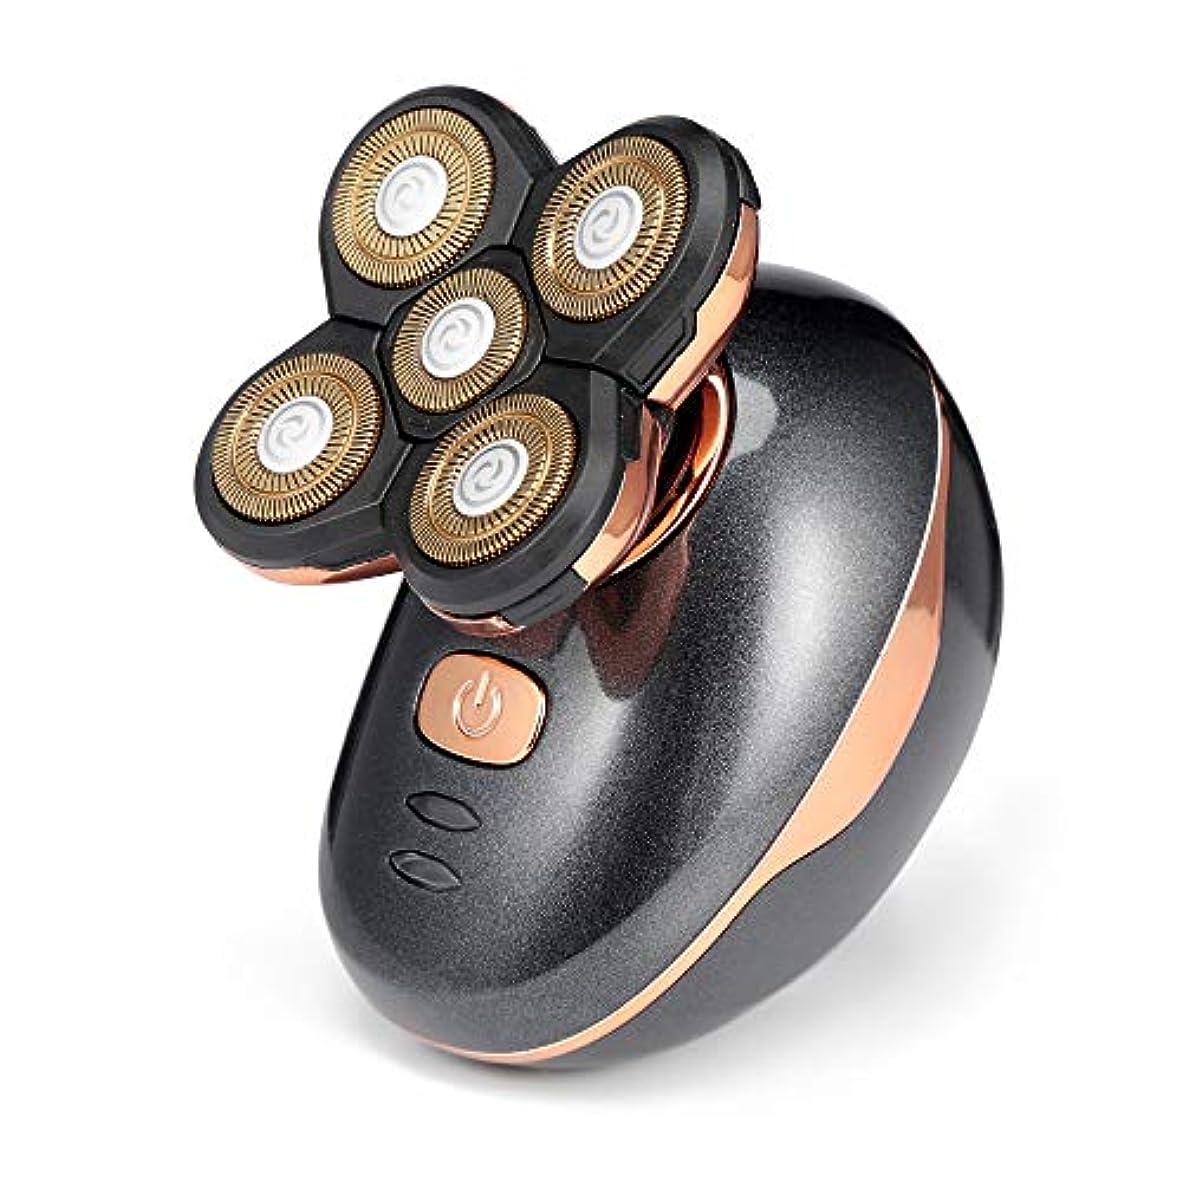 機械くぼみ明るいポータブルかみそり, 男性の毛のトリマーのための5ブレードかみそり電気シェーバー